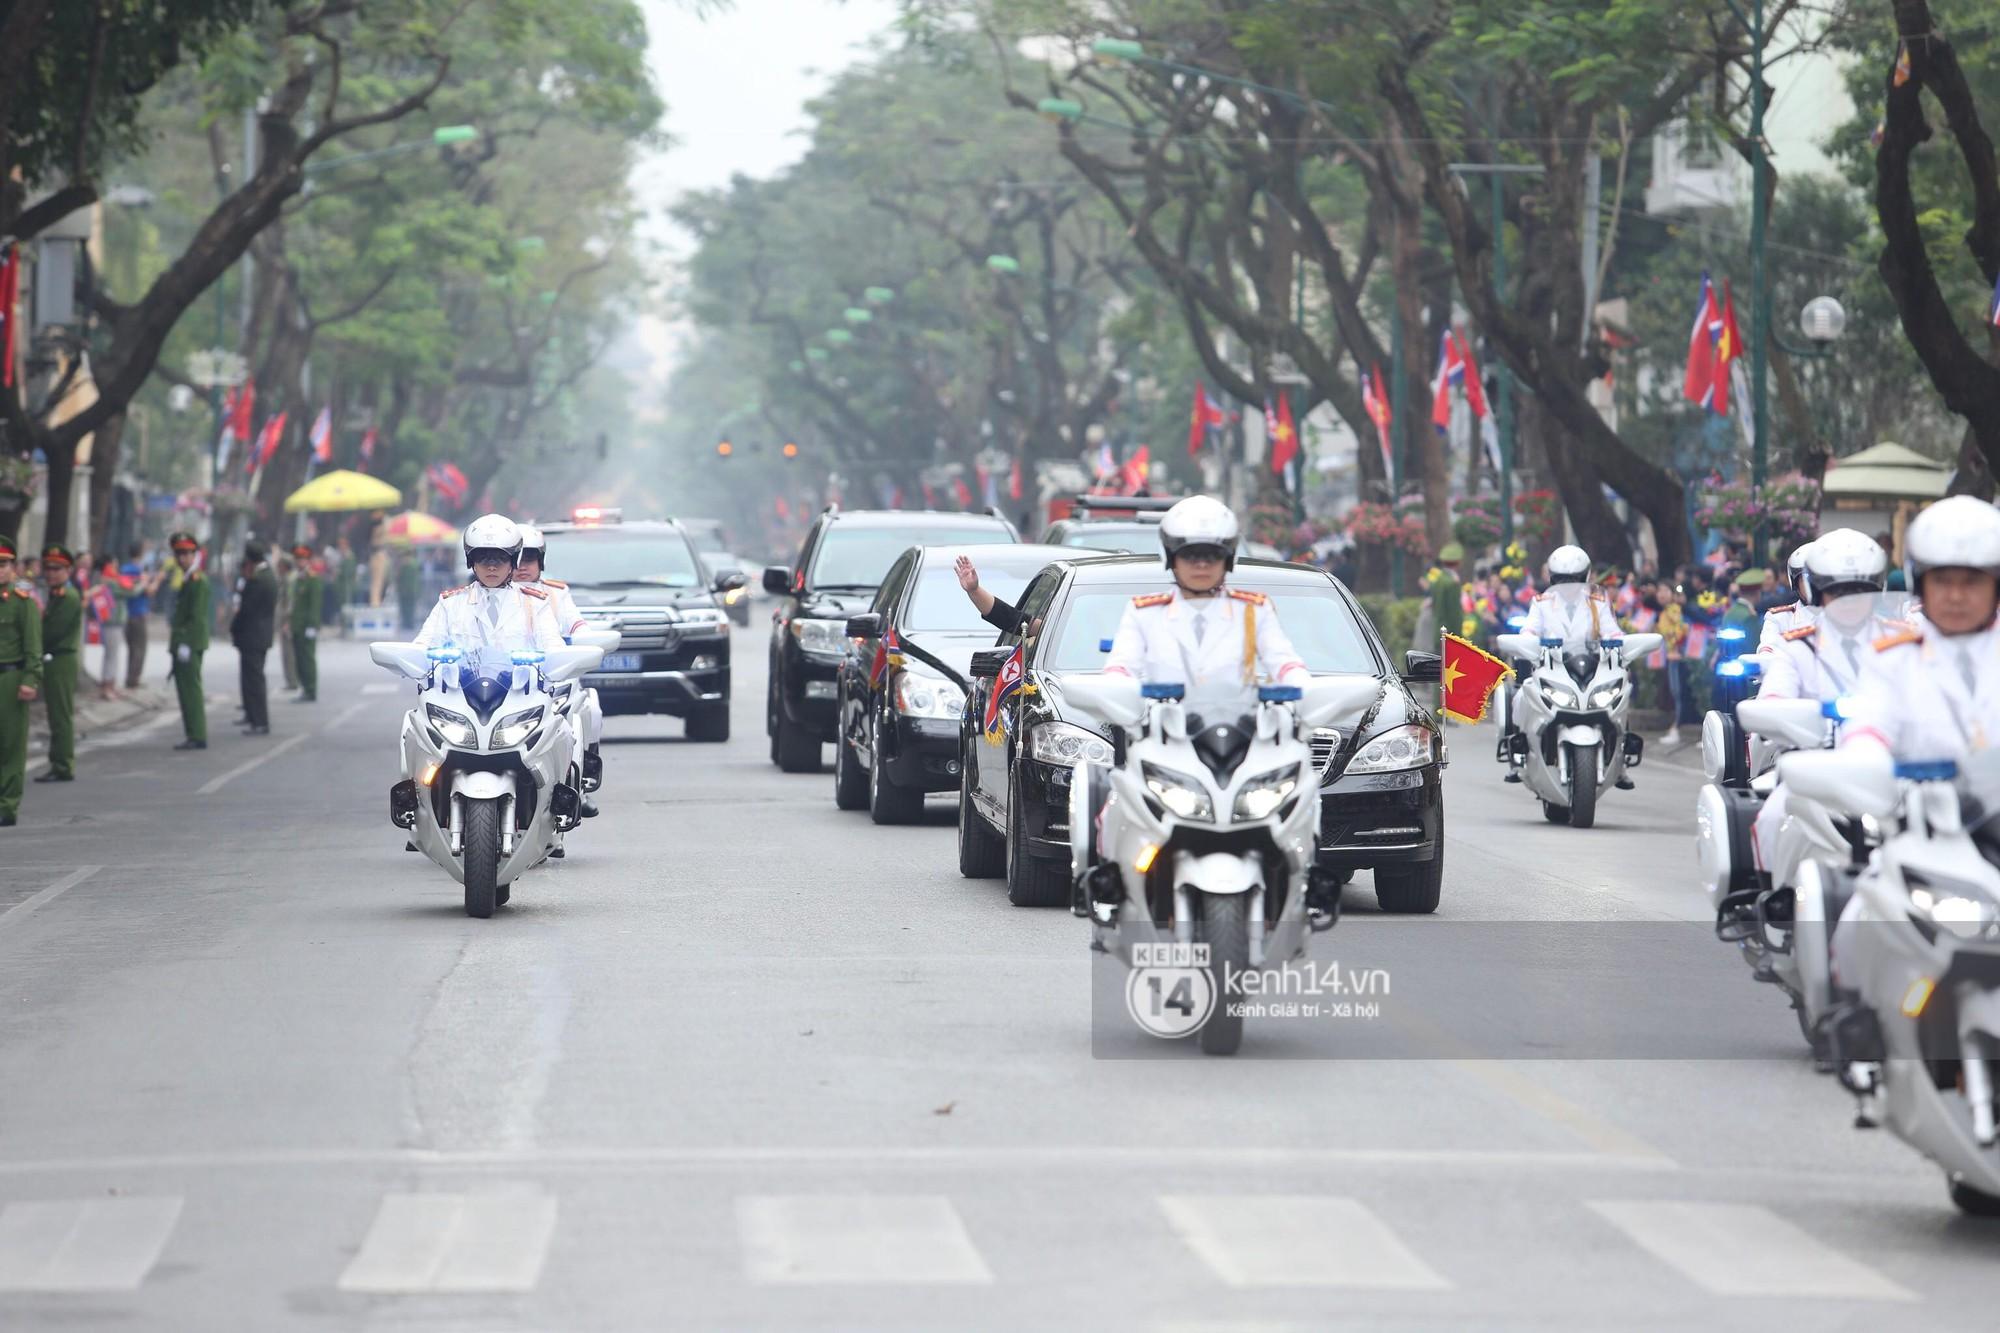 Chủ tịch Kim Jong-un vẫy tay chào người dân, đang trên đường viếng đài liệt sĩ và lăng Chủ tịch Hồ Chí Minh - Ảnh 3.